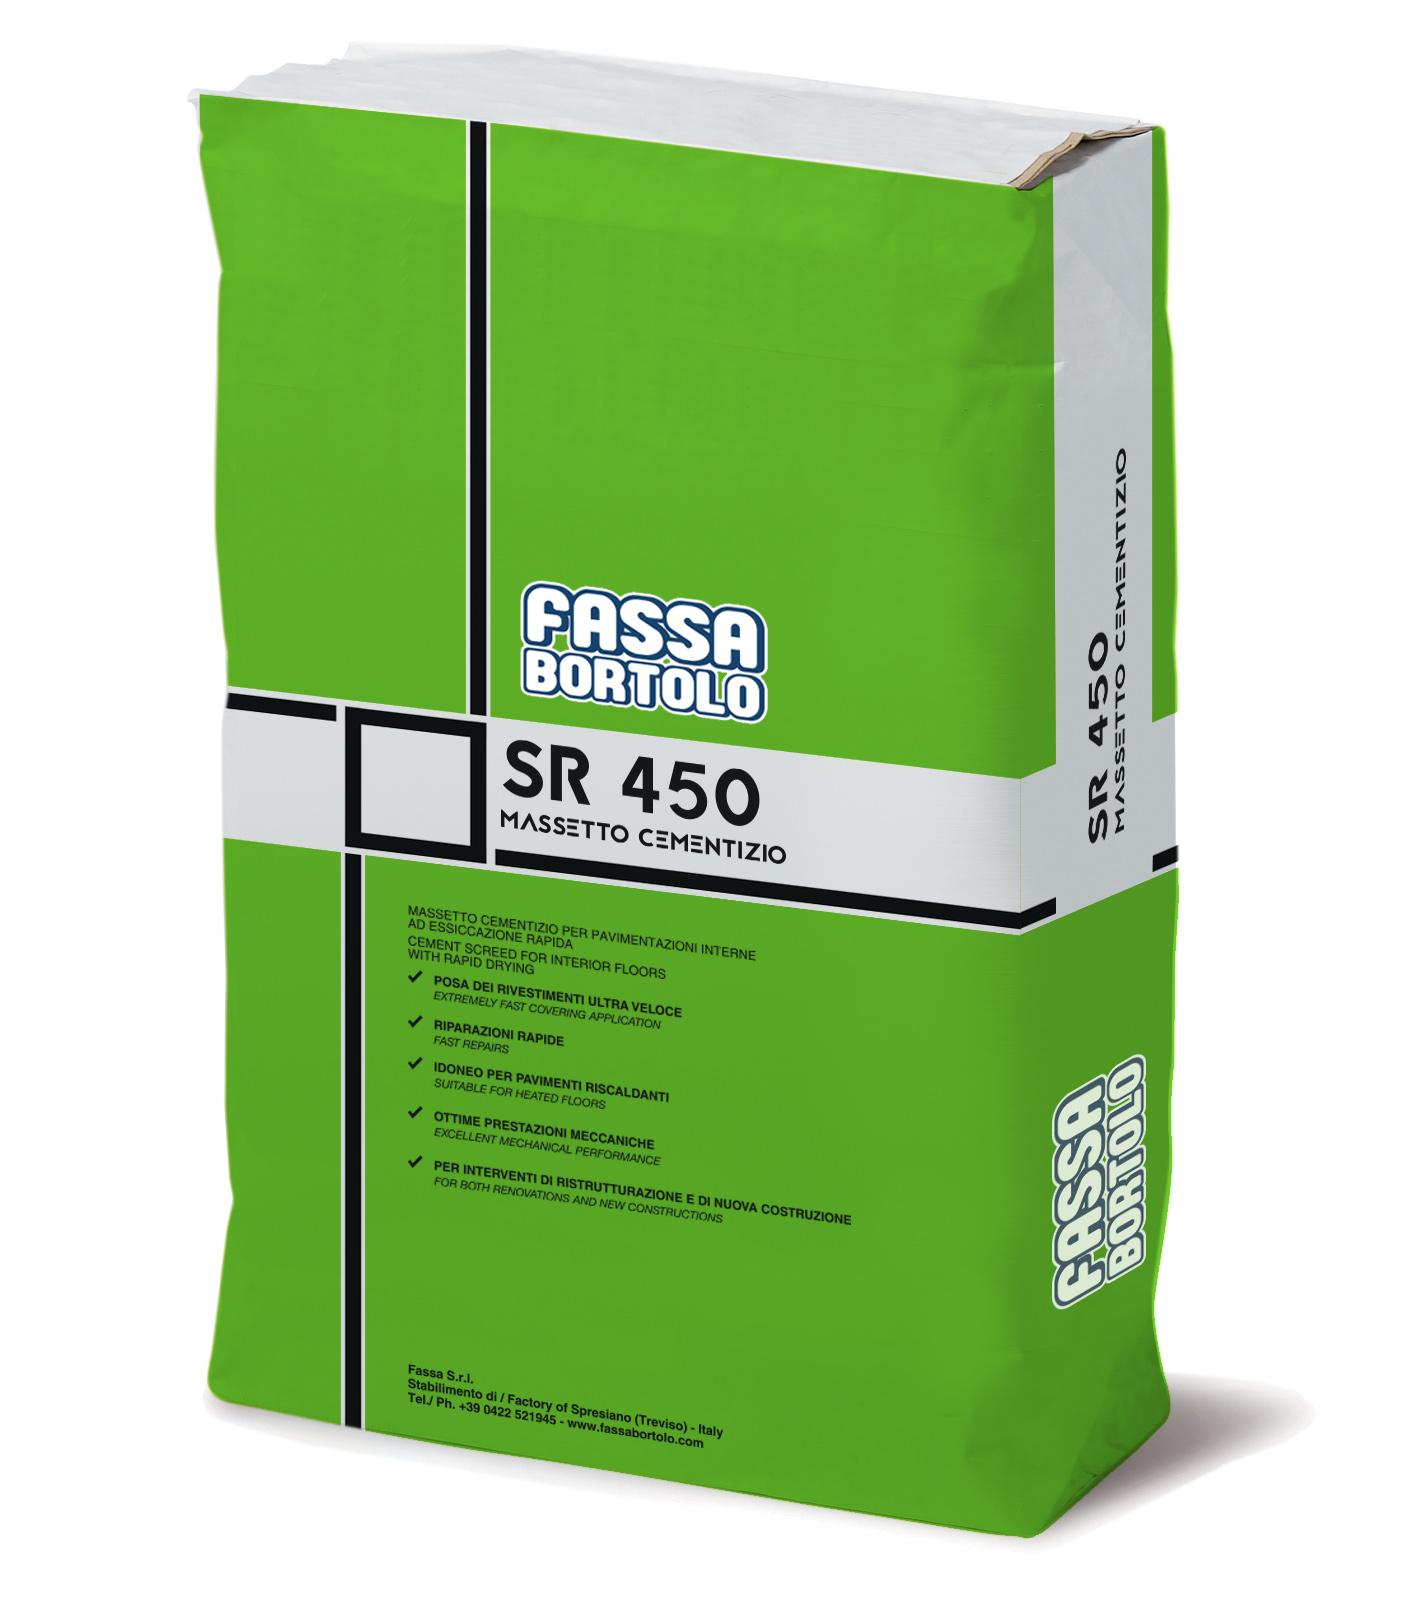 SR 450: Massetto a base cementizia, ad essicazione rapida e ritiro controllato, per pavimenti interni